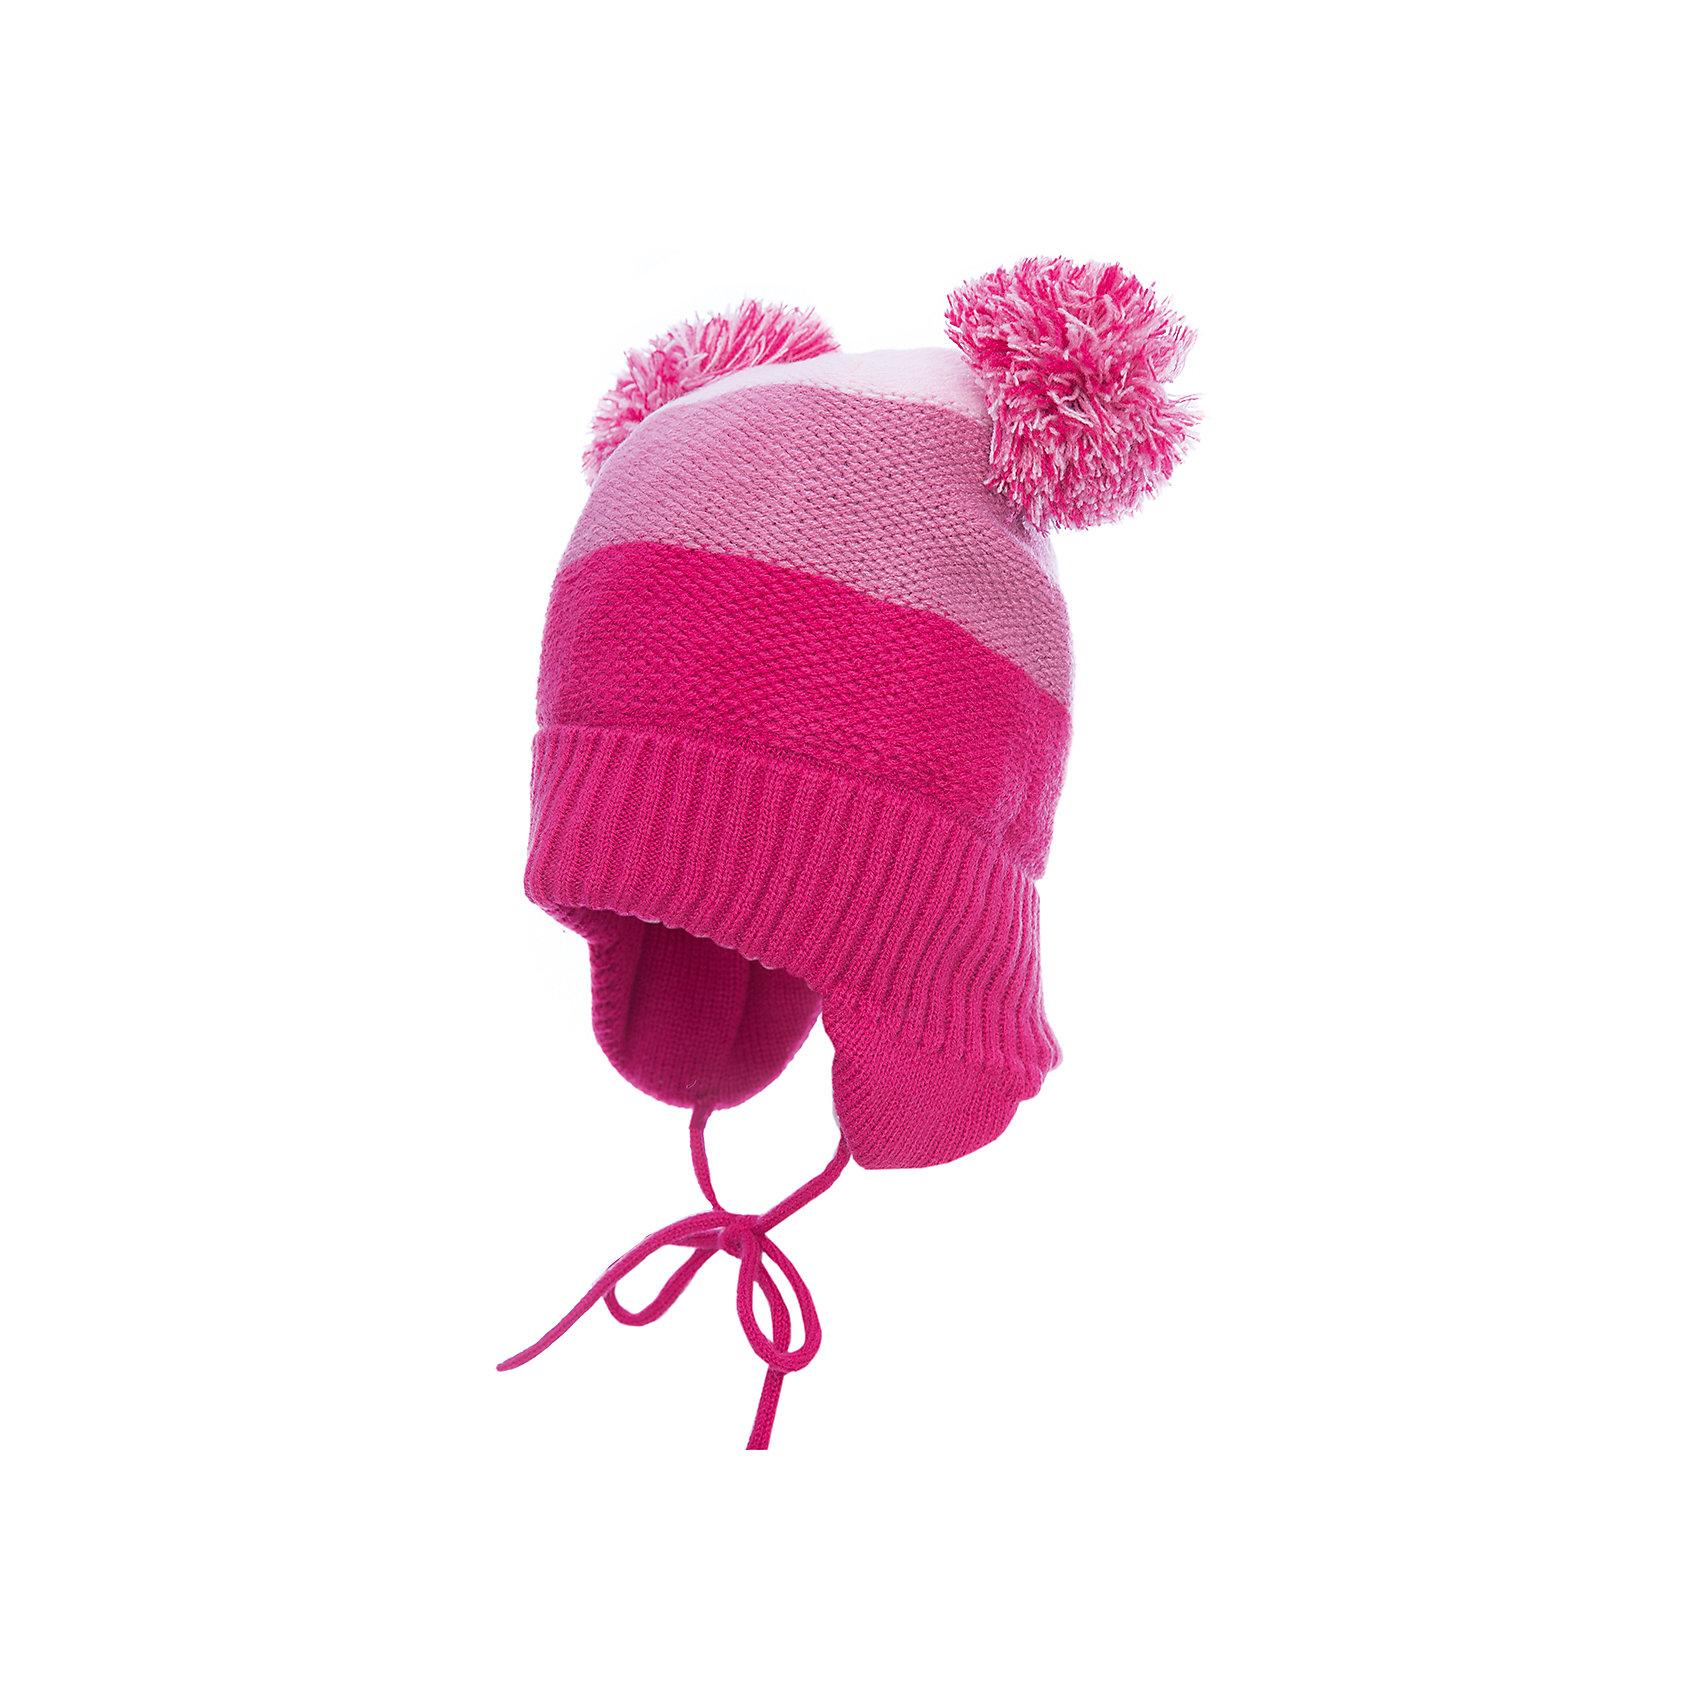 Шапка PlayToday для девочкиГоловные уборы<br>Шапка PlayToday для девочки<br>Шапка из трикотажа на подкладке - отличное решение для прогулок в прохладную погоду. Модель на завязках, комфортна при носке. Шапка выполнена в технике yarn dyed- в процессе производства используются разного цвета нити. При рекомендуемом уходе изделие не линяет и надолго остается в первоначальном виде. Подкладка из смесовой ткани с высоким содержанием натурального хлопка, отлично впитывает лишнюю влагу. Эргономичная конструкция шапки защитит уши ребенка при сильном ветре. Модель дополнена эффектными помпонами.<br>Состав:<br>100% акрил<br><br>Ширина мм: 89<br>Глубина мм: 117<br>Высота мм: 44<br>Вес г: 155<br>Цвет: белый<br>Возраст от месяцев: 72<br>Возраст до месяцев: 84<br>Пол: Женский<br>Возраст: Детский<br>Размер: 54,50,52<br>SKU: 7115295